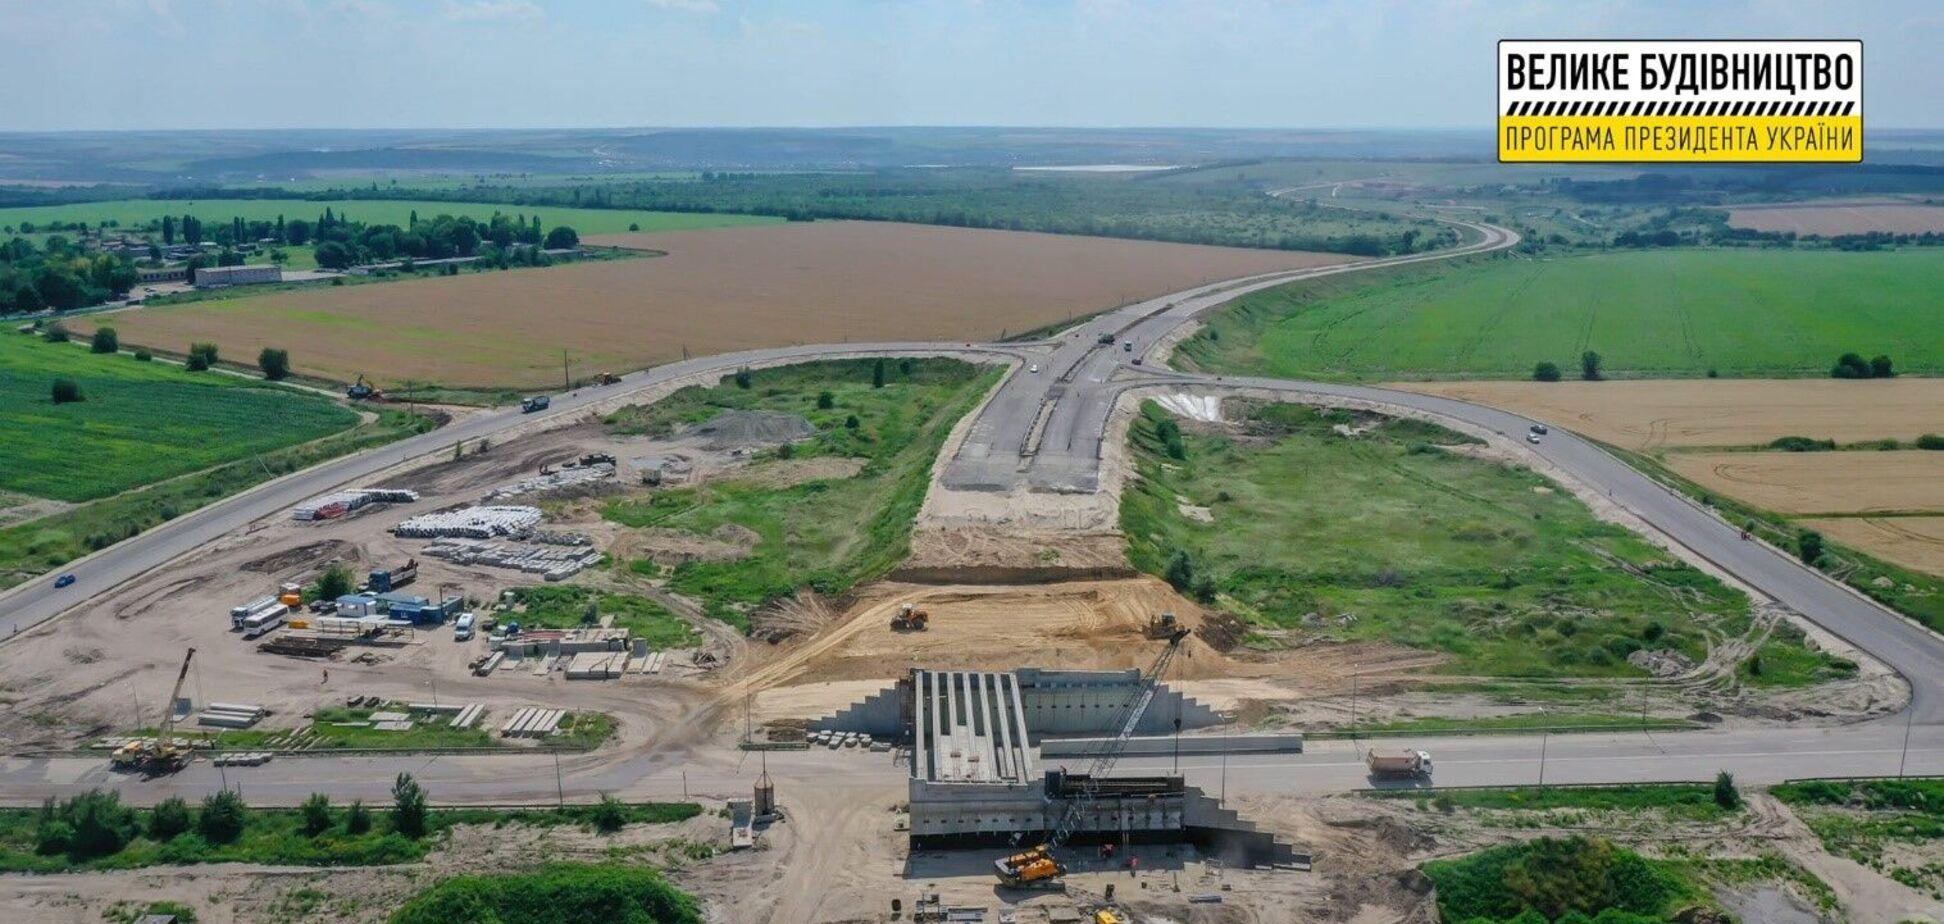 В Днепре продолжается активное строительство объездной дороги